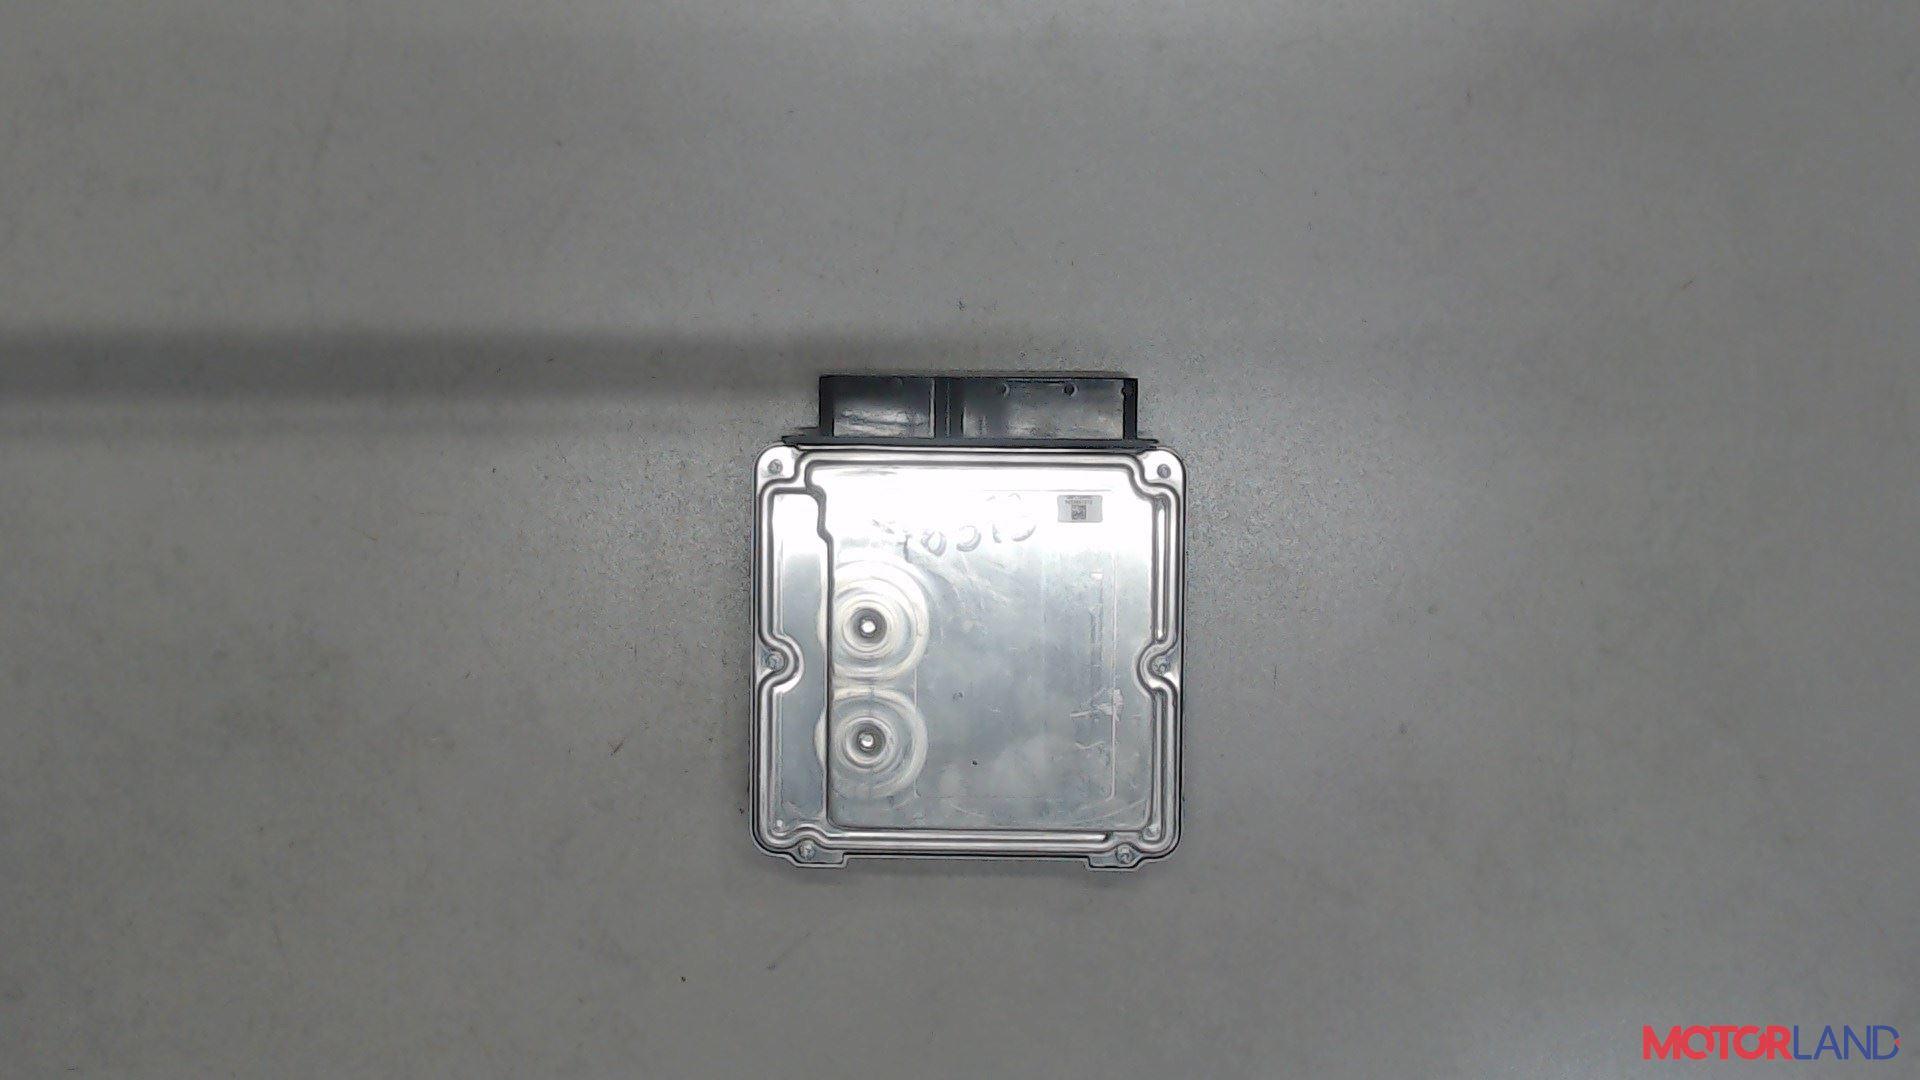 Блок управления (ЭБУ) Audi A6 (C6) 2005-2011 2 л. 2008 BLB б/у #4